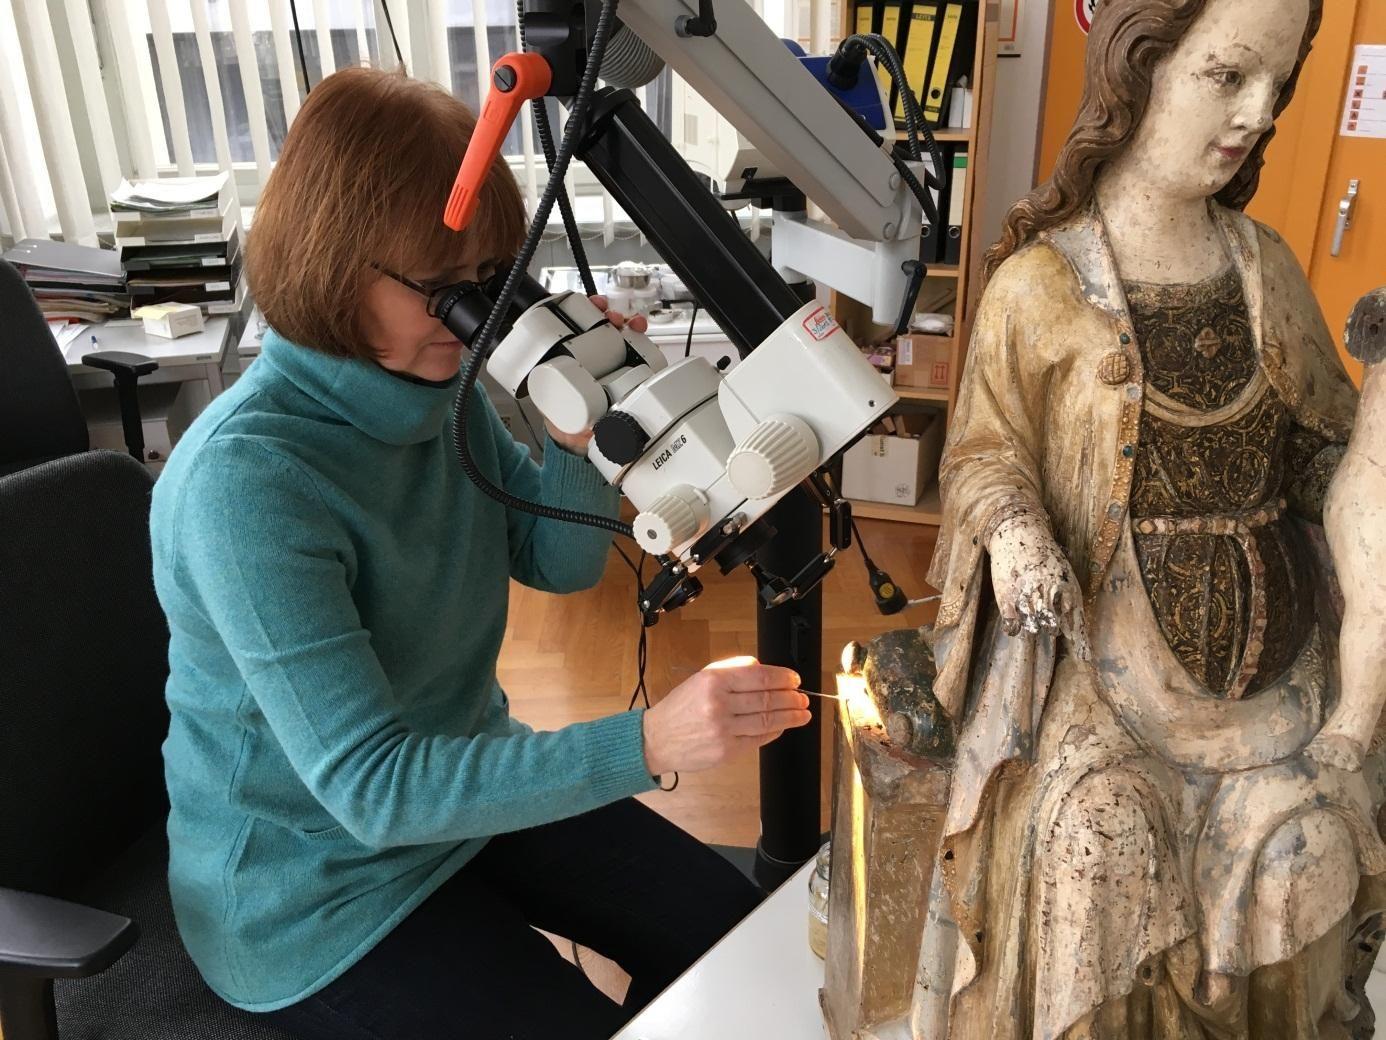 Marion Böhl bei der Restaurierung der Thronenden Maria mit Kind. © Staatliche Museen zu Berlin / Malith Krishnaratne